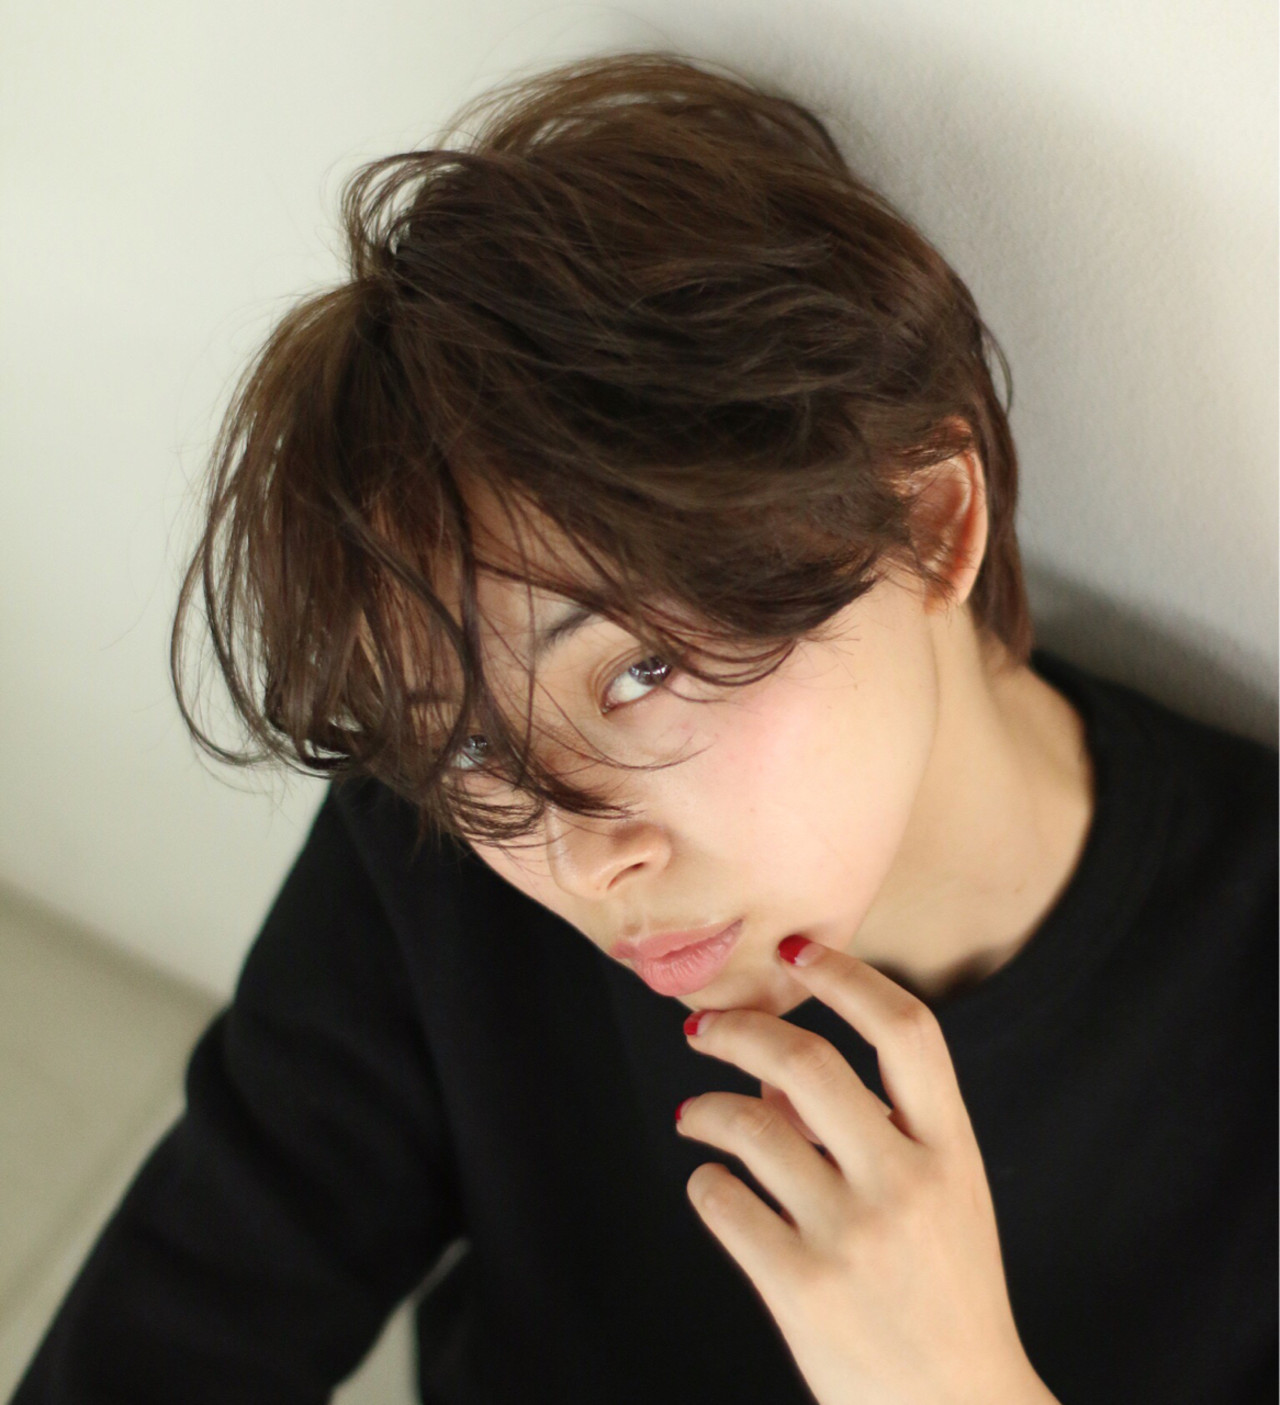 ショート パーマ ナチュラル アッシュ ヘアスタイルや髪型の写真・画像 | 高林祐也 / nanuk渋谷店(ナヌーク)